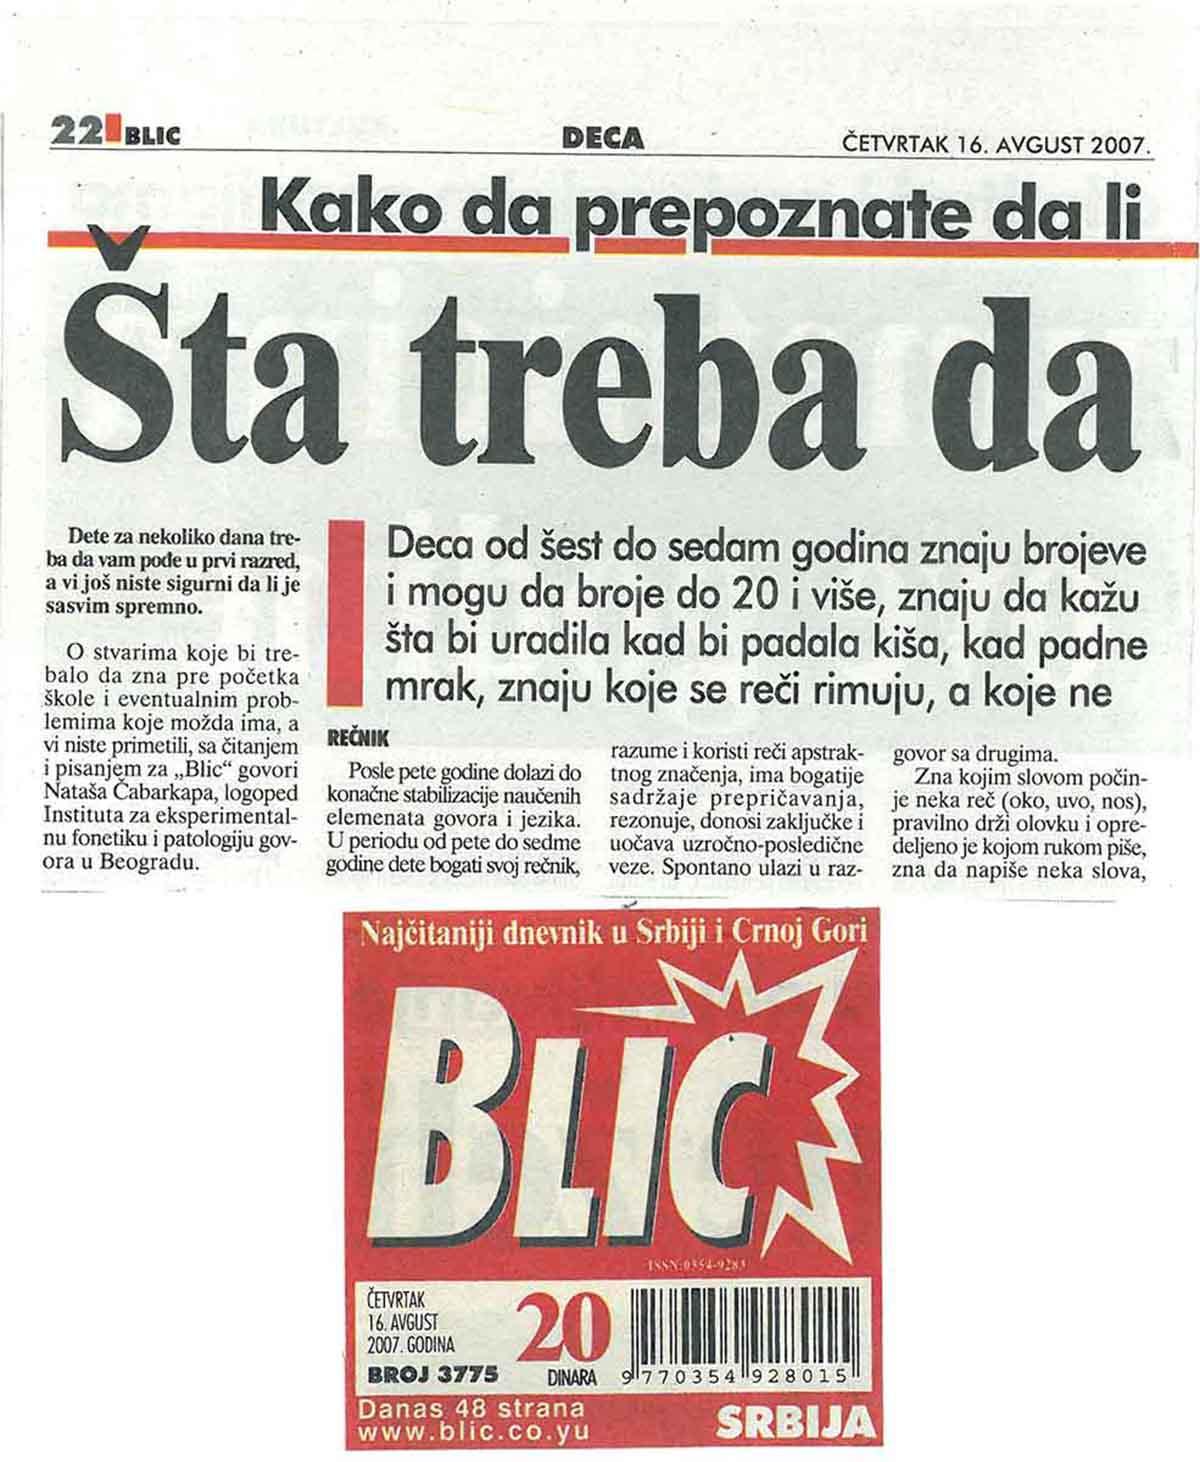 Šta treba da zna… – Blic 16.08.2007